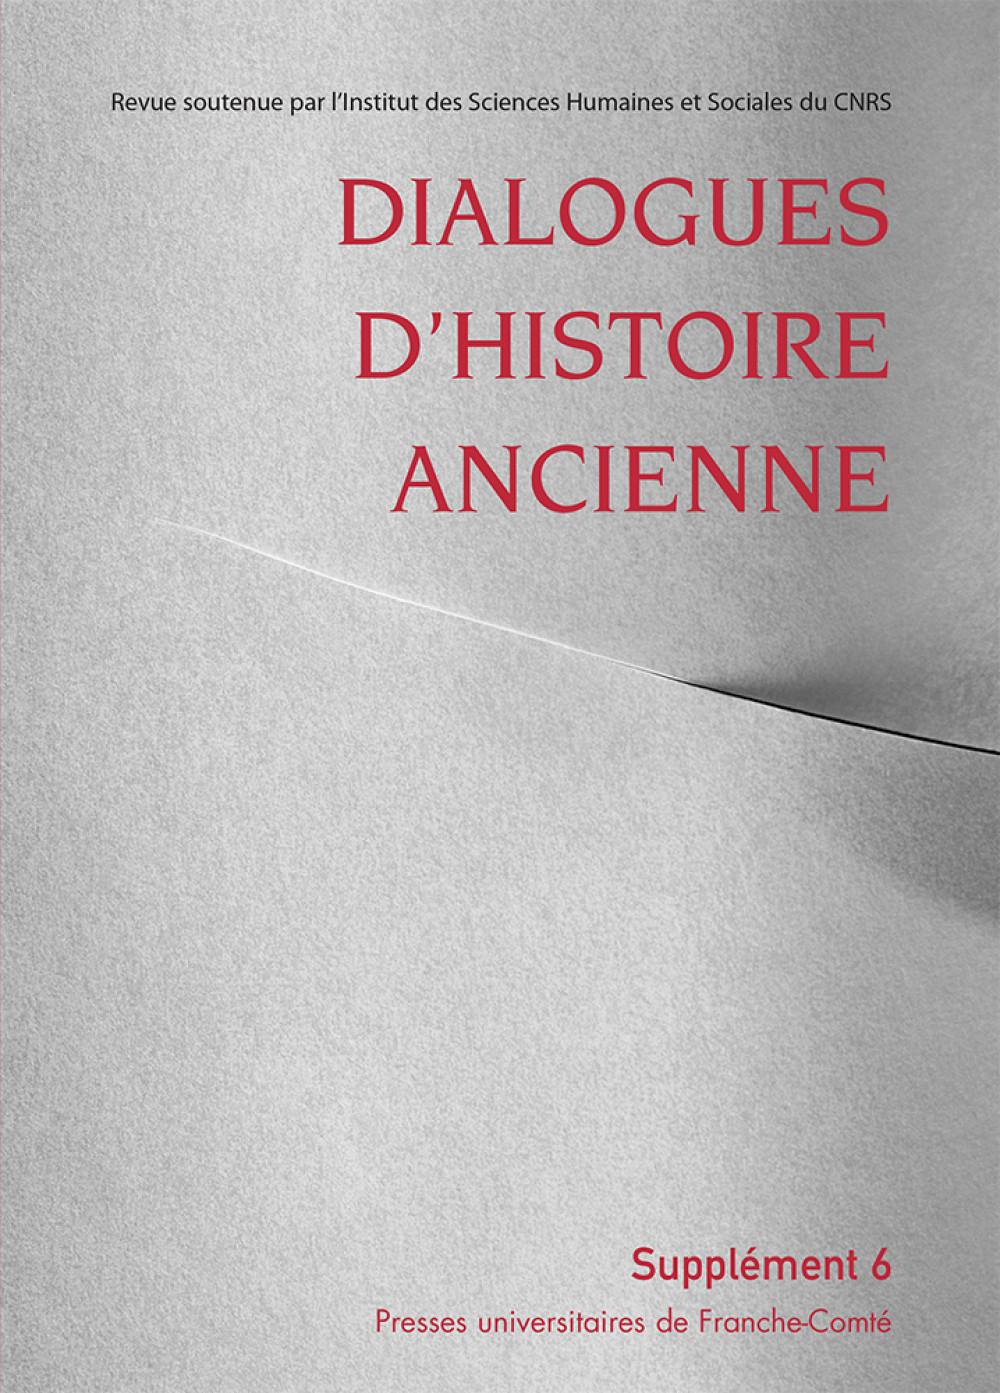 Dialogues d'Histoire Ancienne, supplément 6